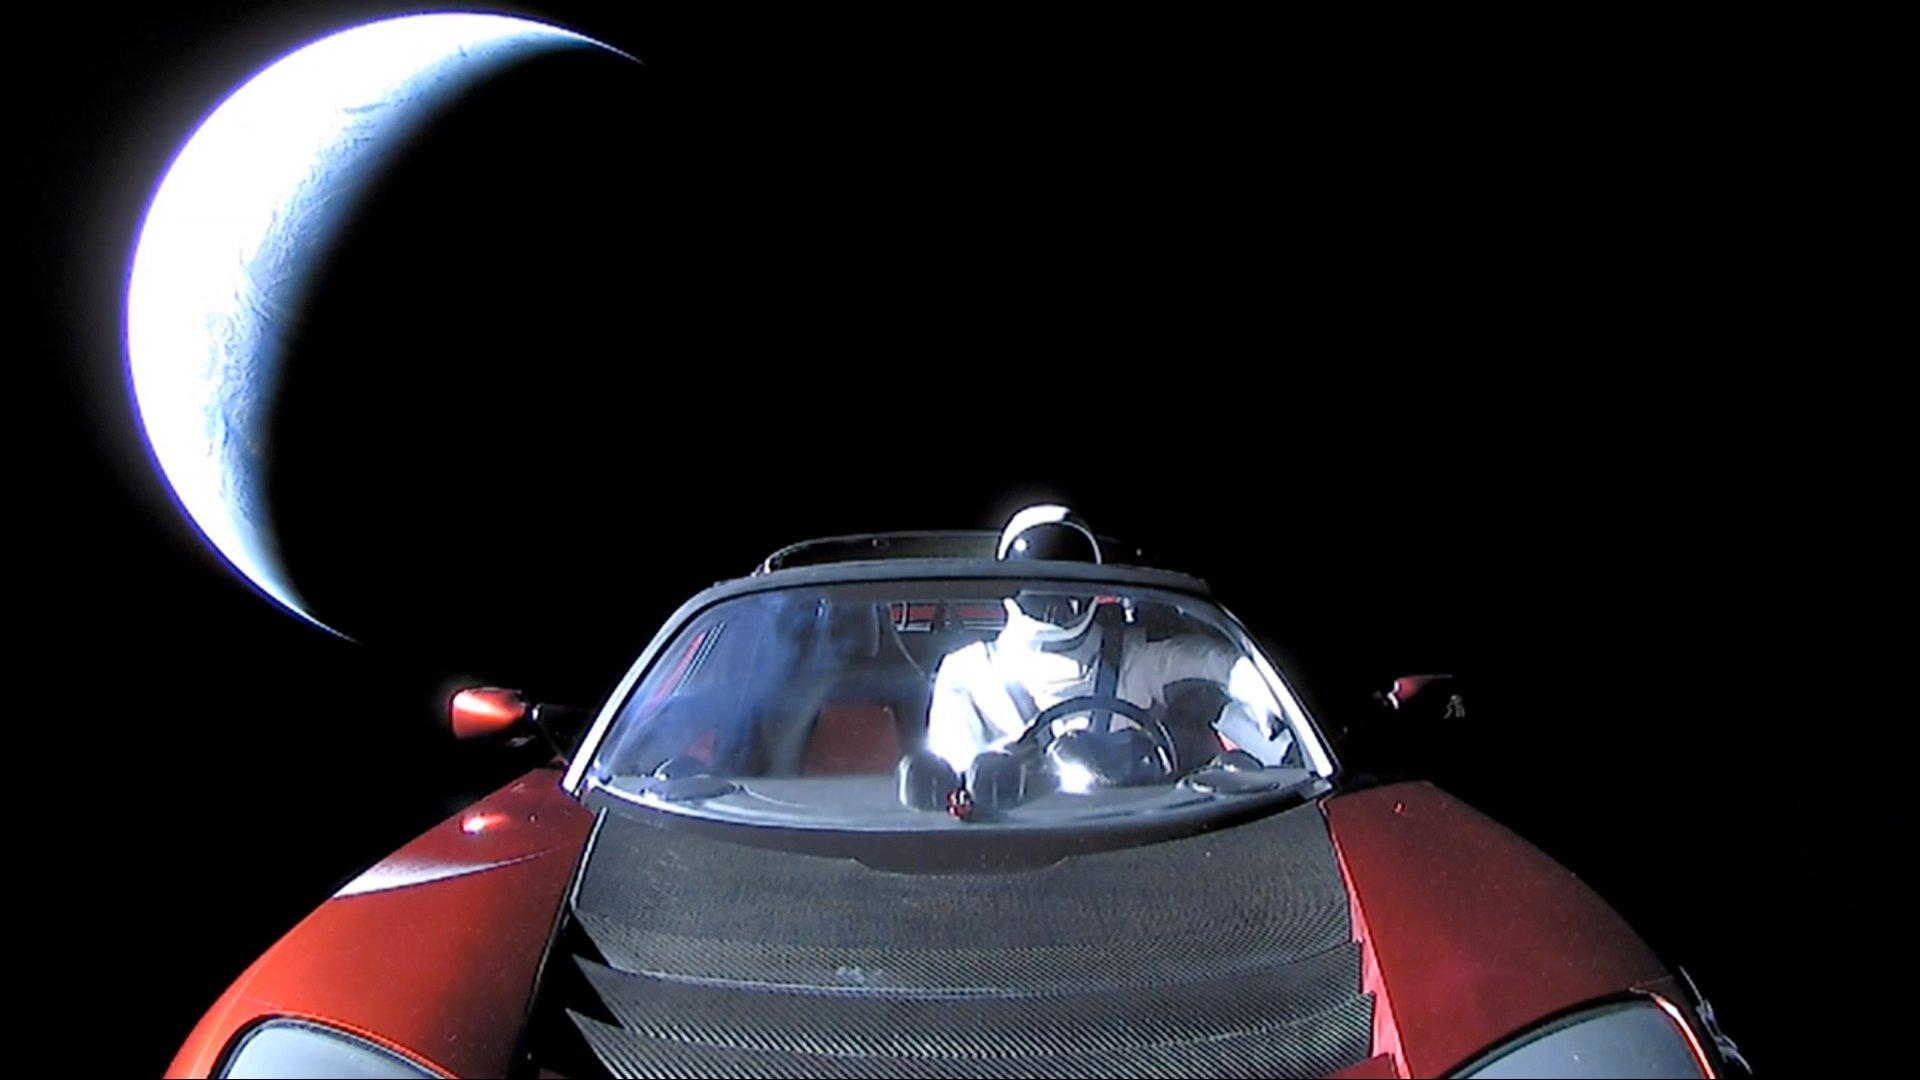 Tesla Roadster Elona Muska w kosmosie: Starman ma teraz NIESAMOWITE widoki